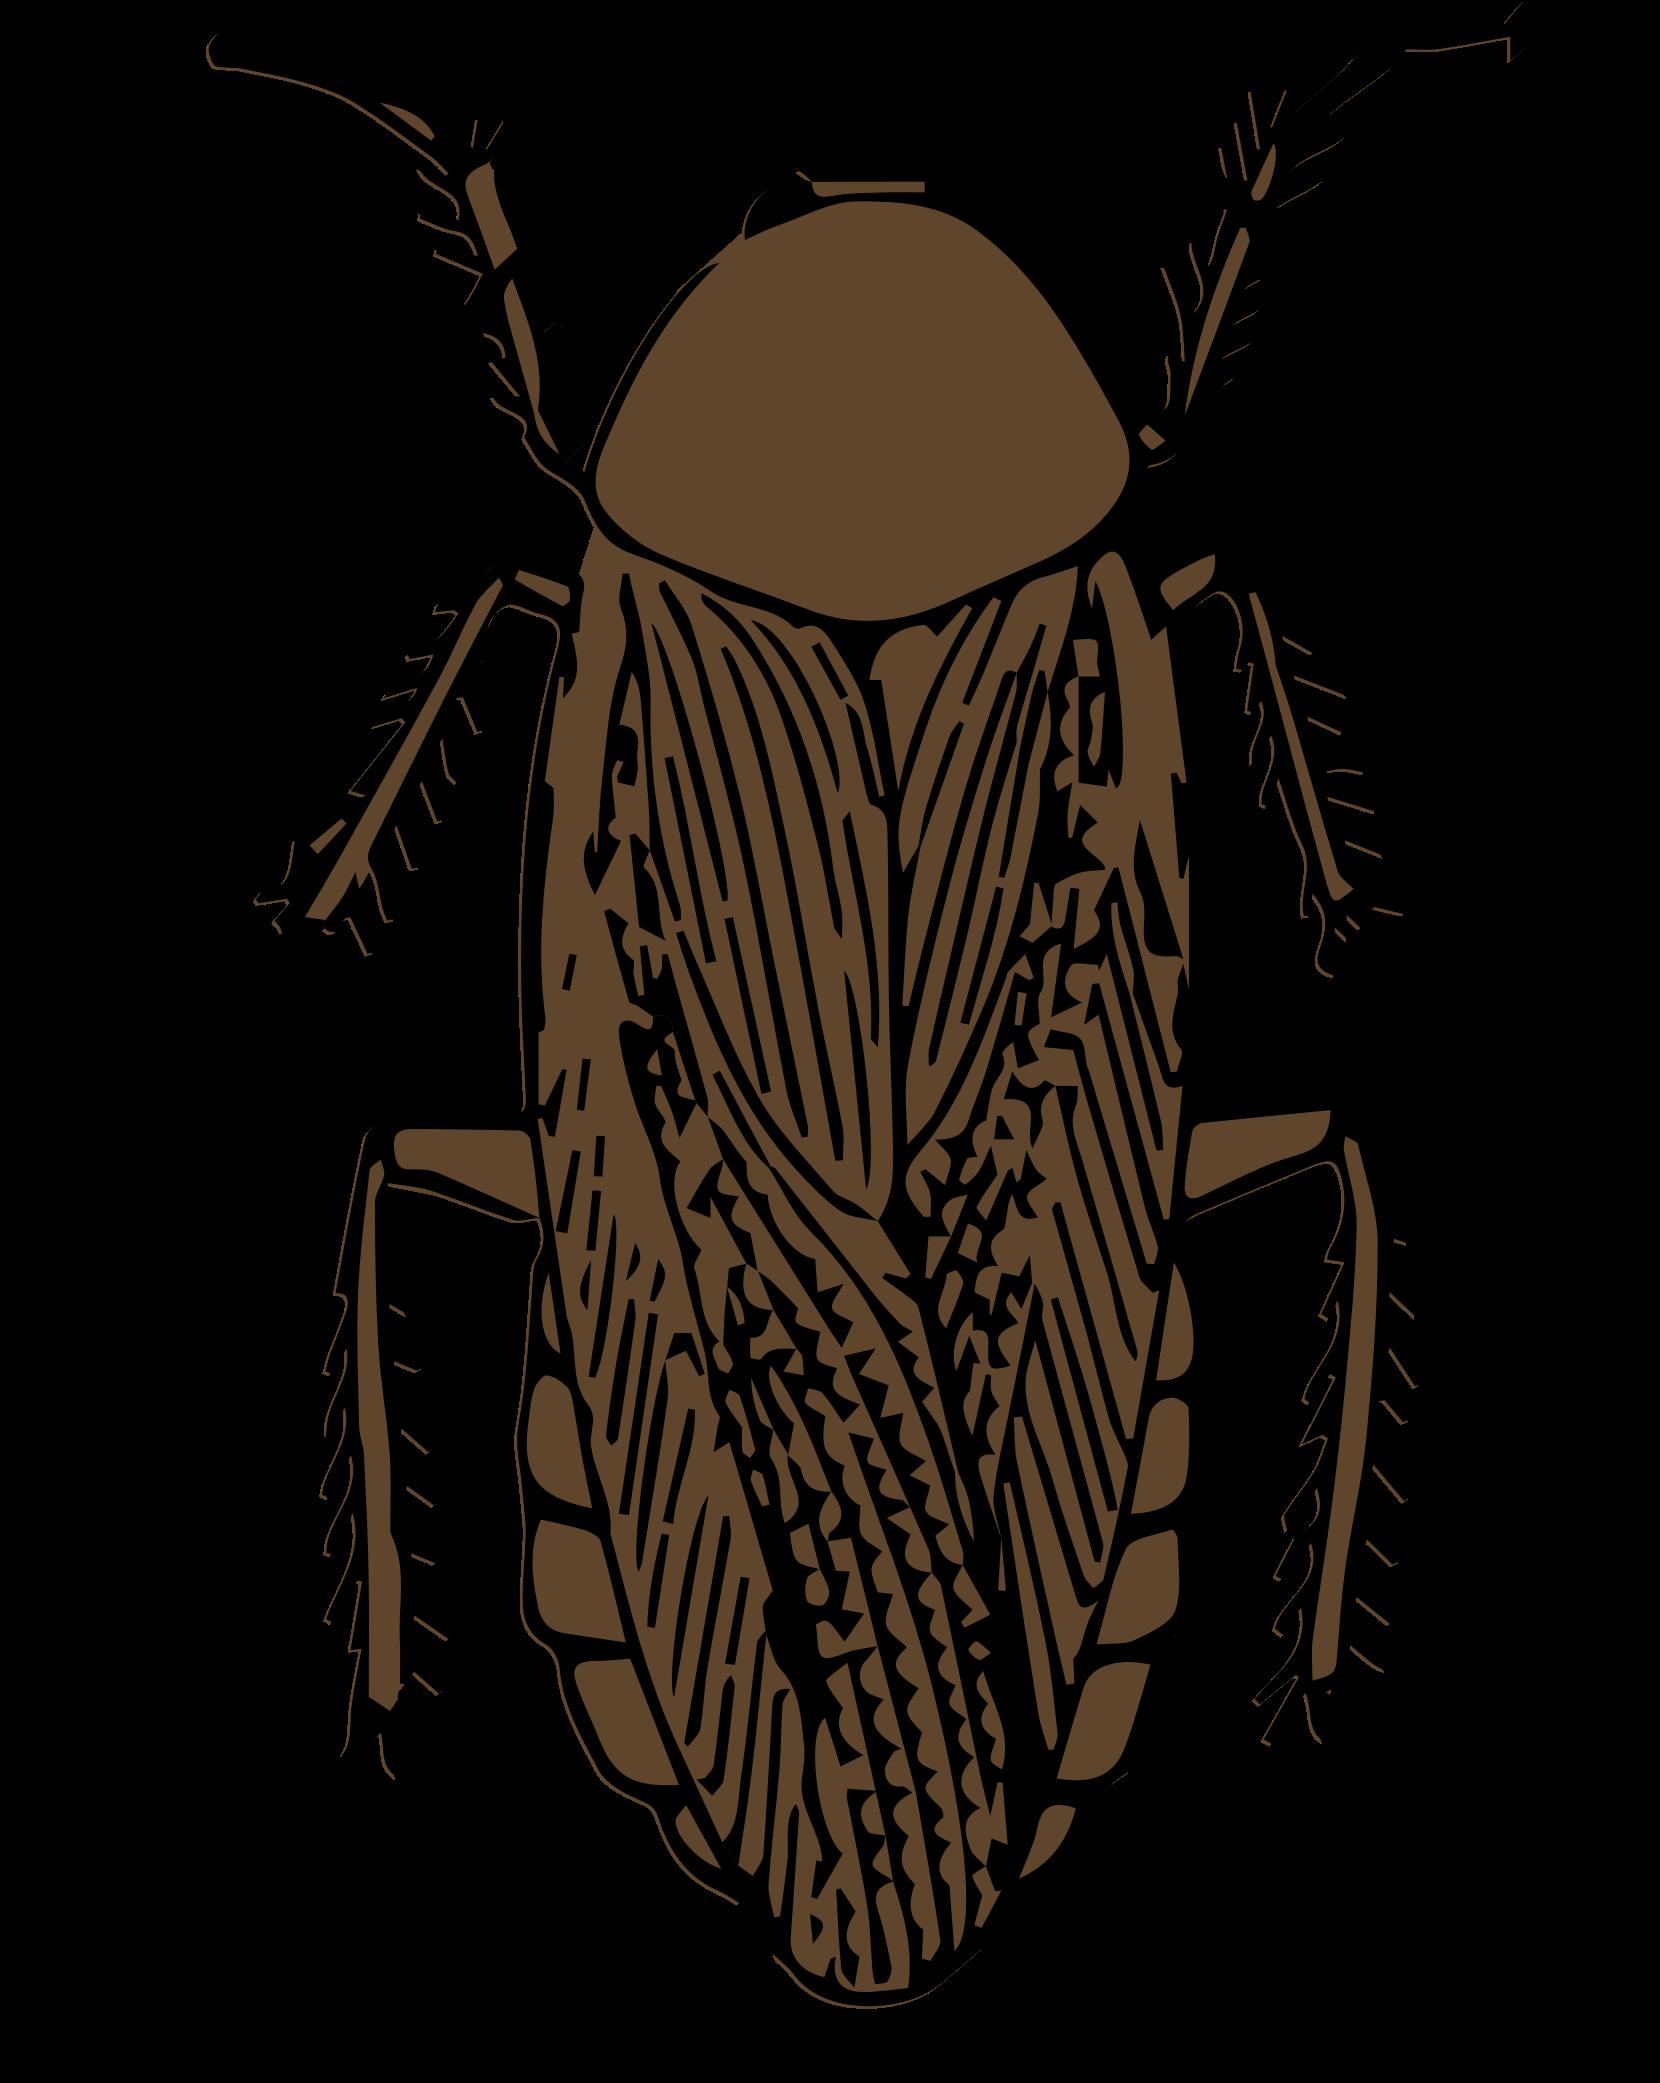 Cockroach clipart WikiClipArt cockroach Clipart color Clipart